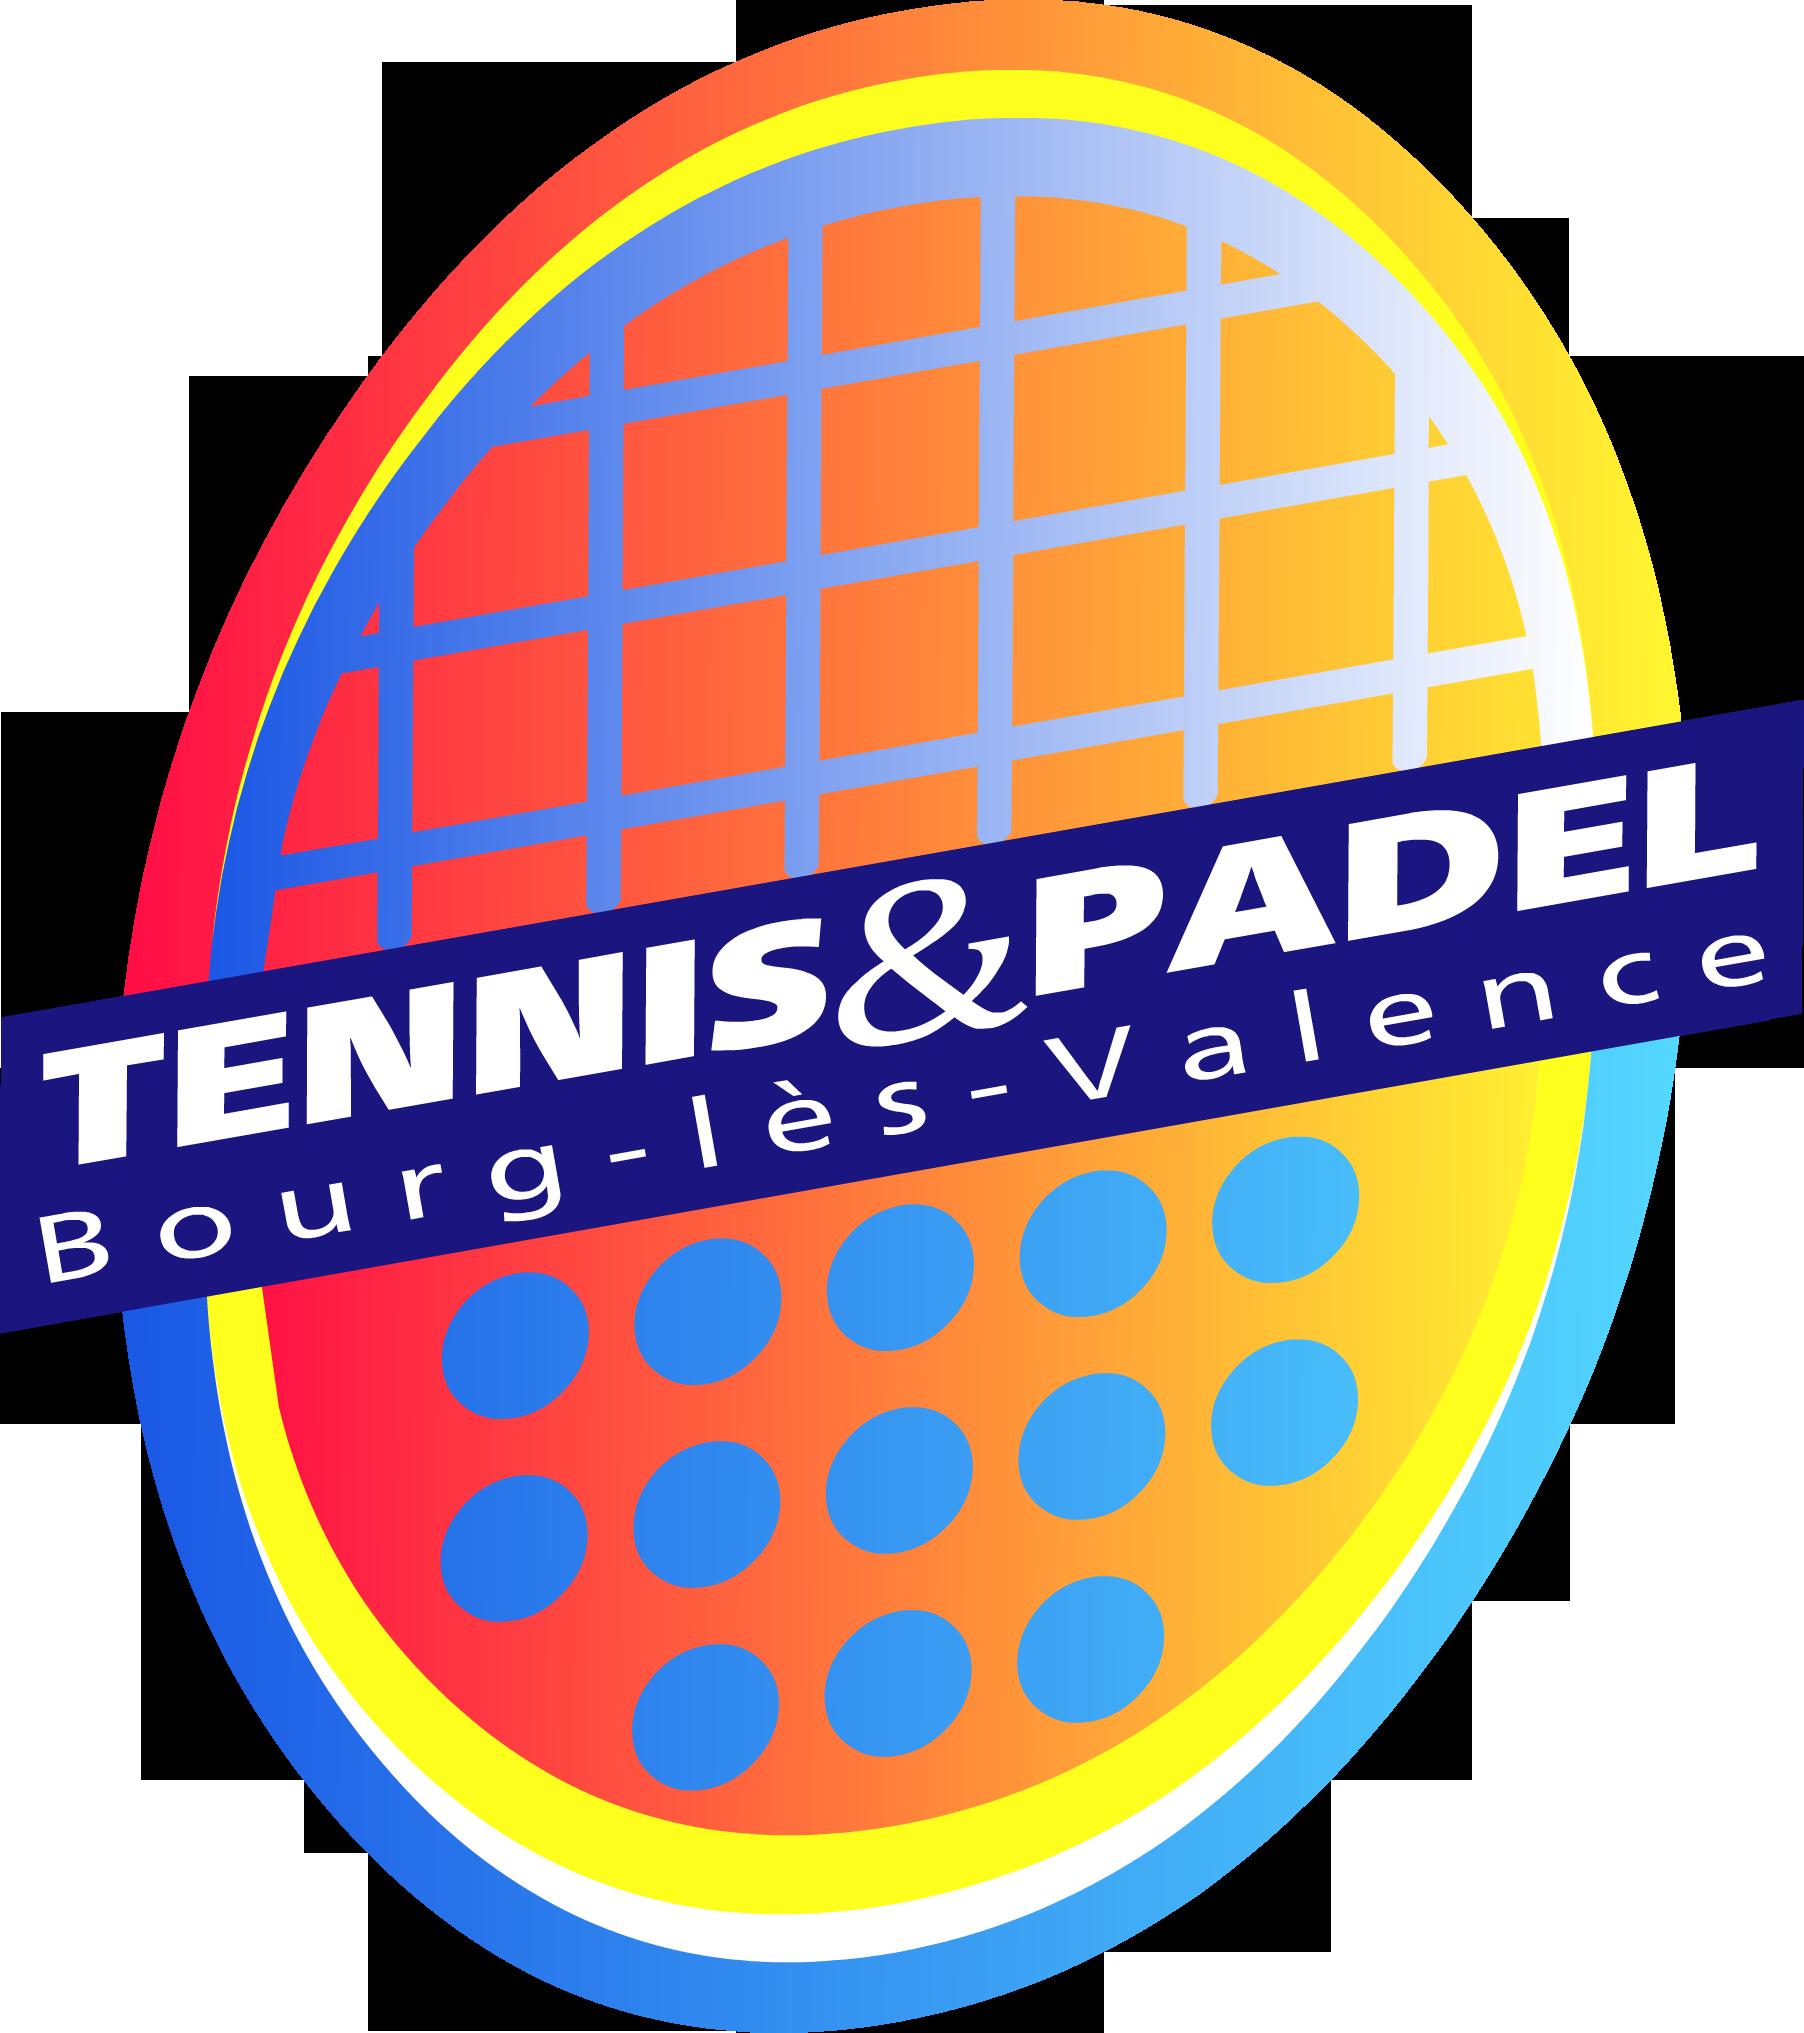 Tennis & Padel Bourg-Lès-Valence